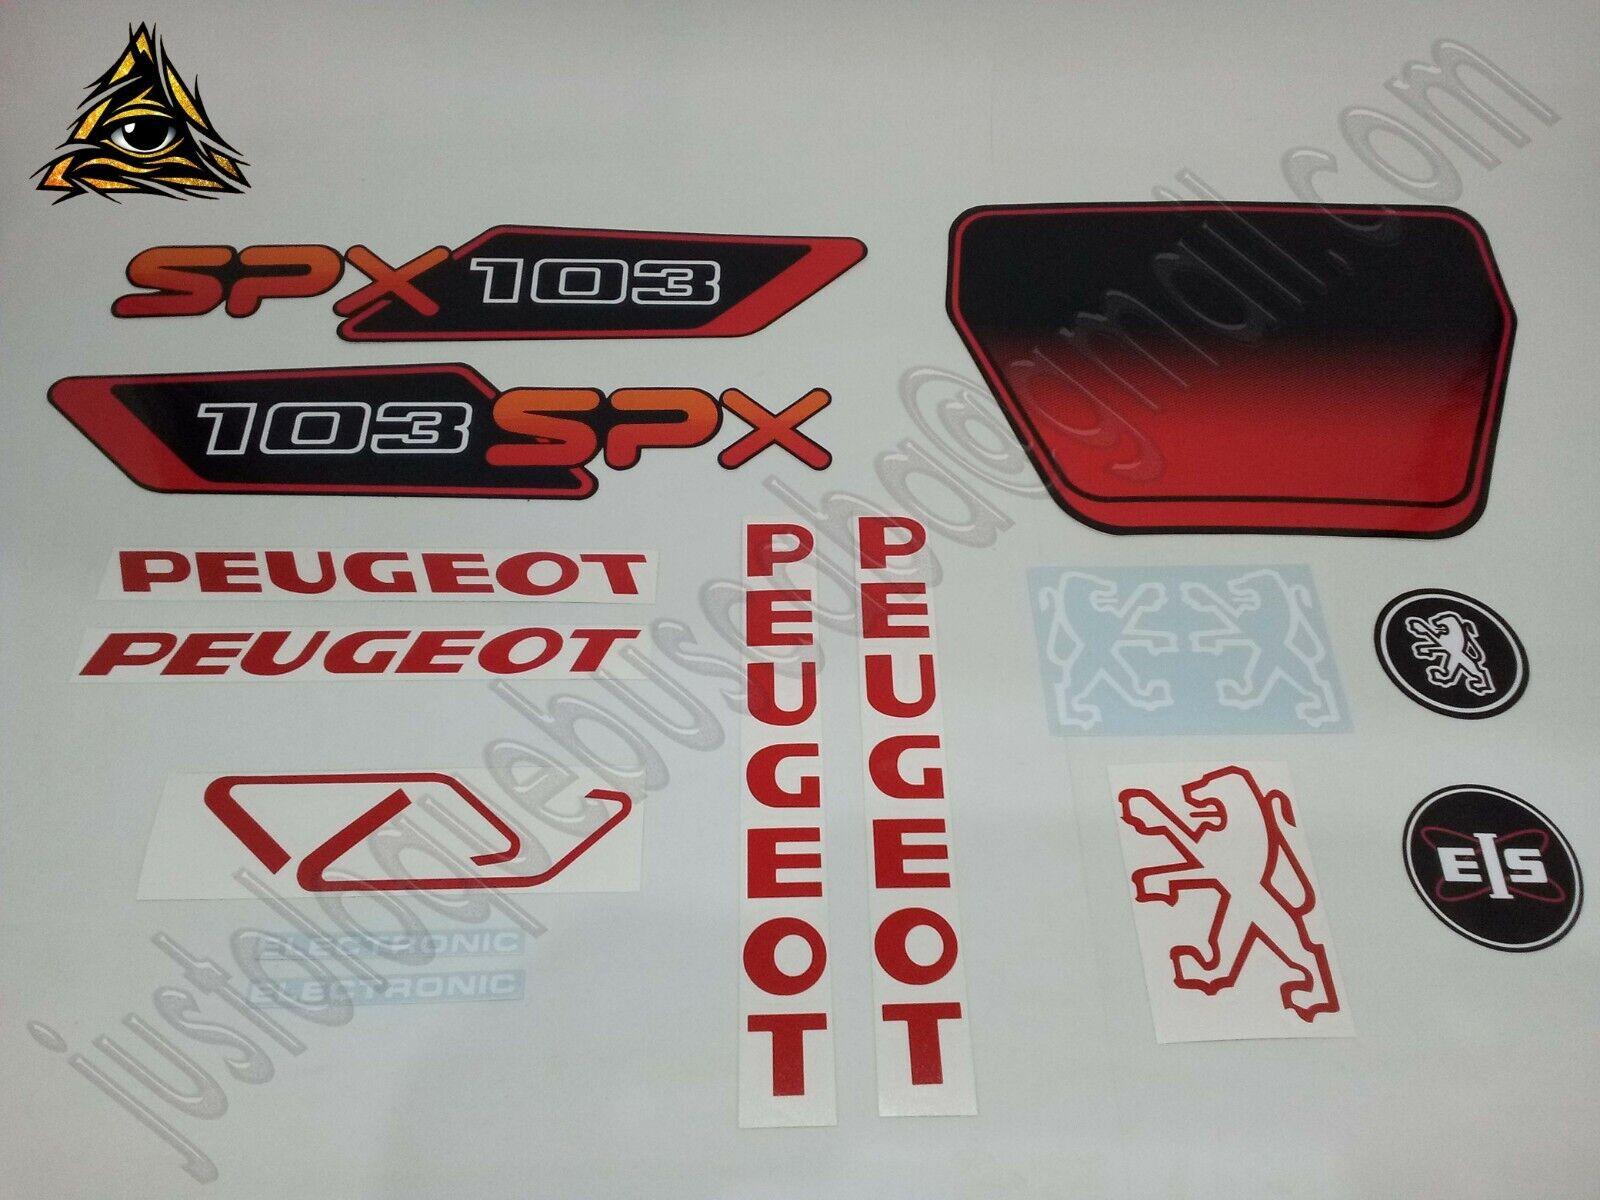 Autocollant stickers mobylette Peugeot 103 SPX PH2 Noir/Rouge